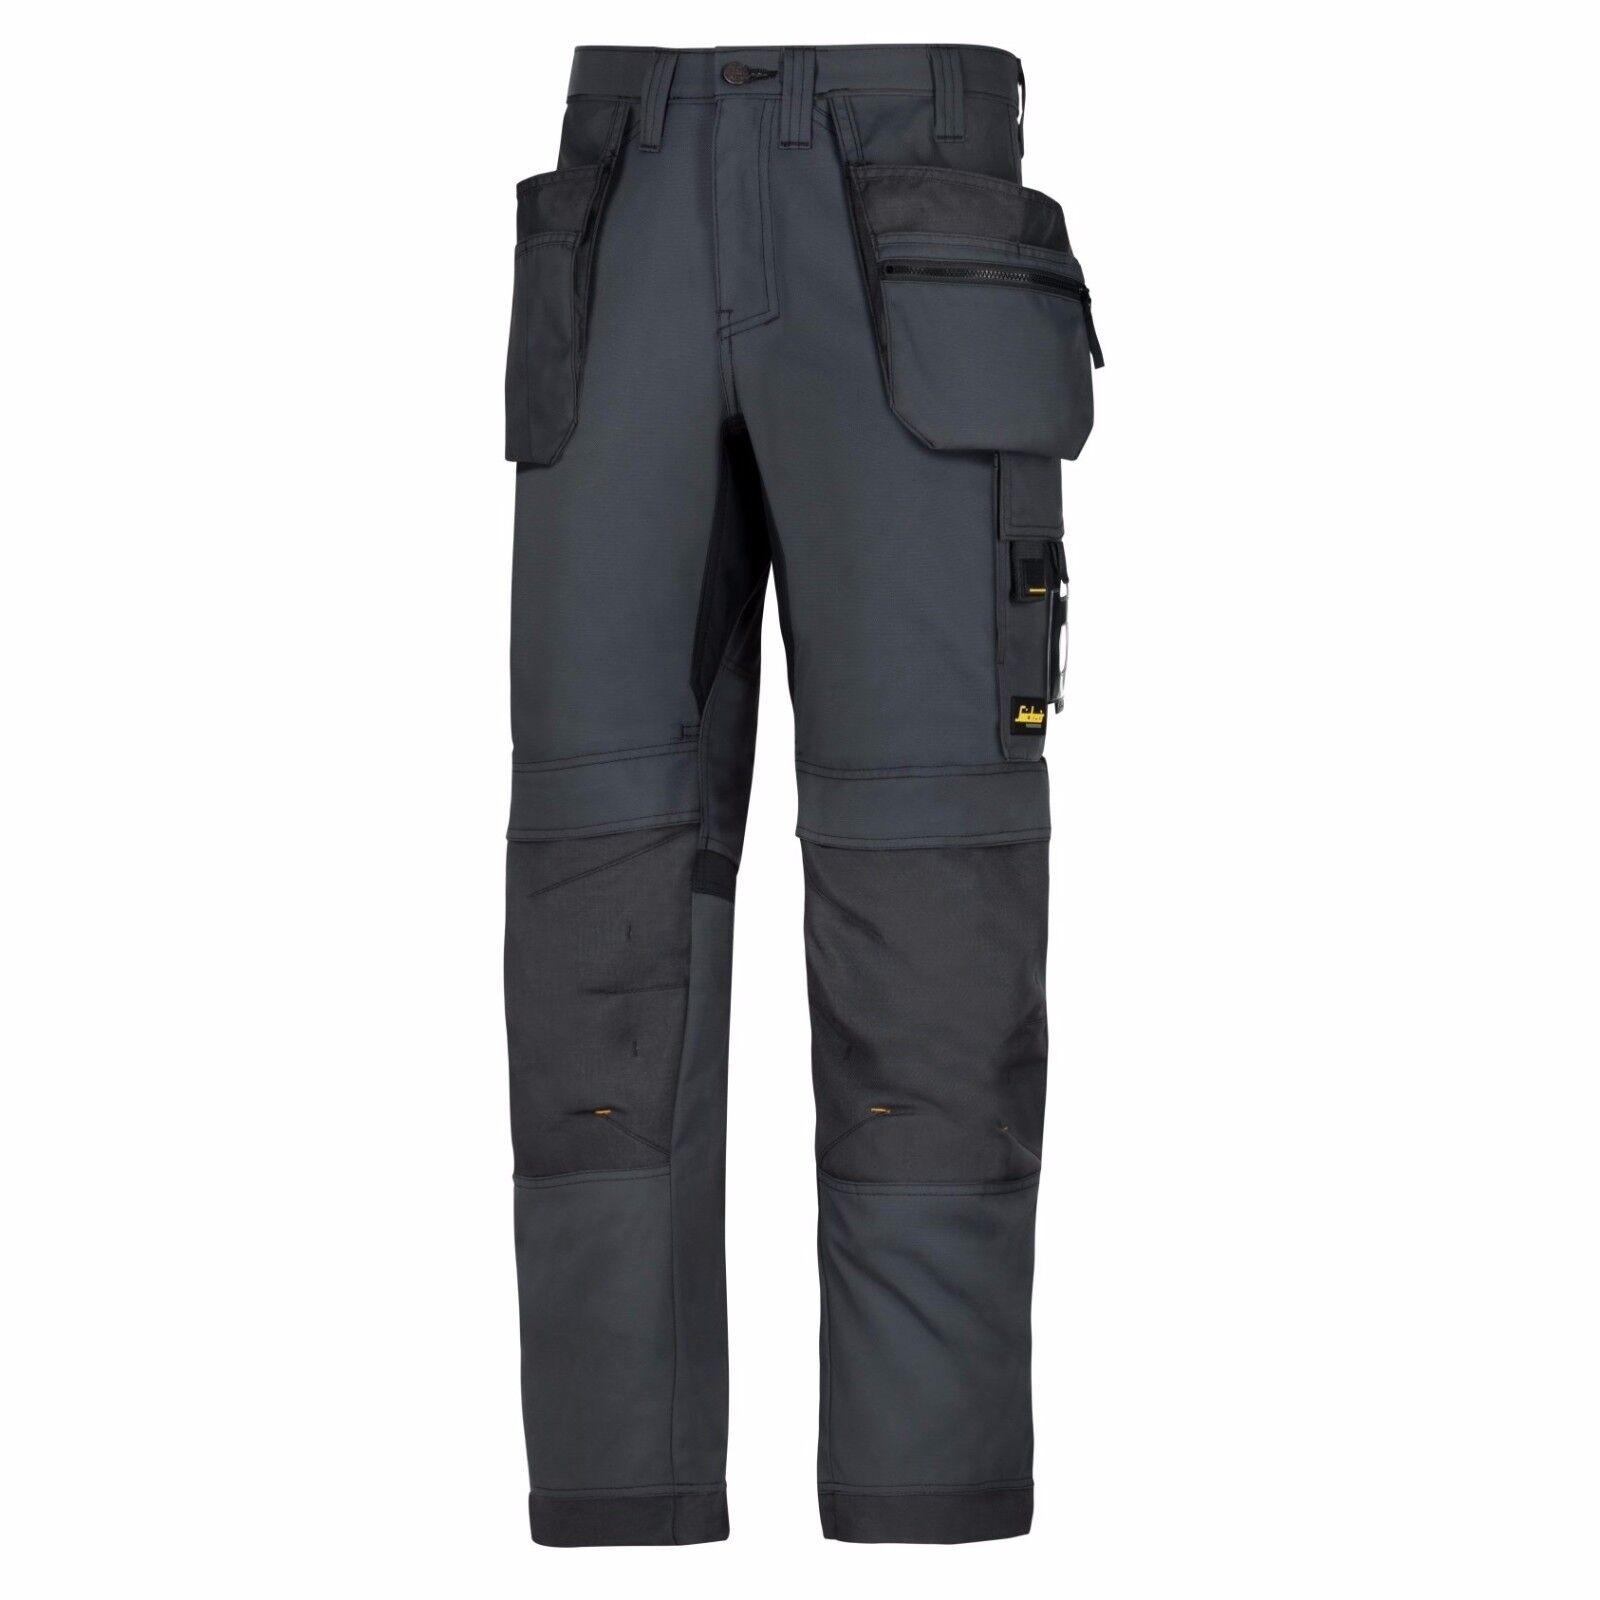 SNICKERS Pantaloni Pantaloni Pantaloni 6200 allroundwork Fondina Tasca Pantaloni Da Uomo Grigio Acciaio dbc7b0